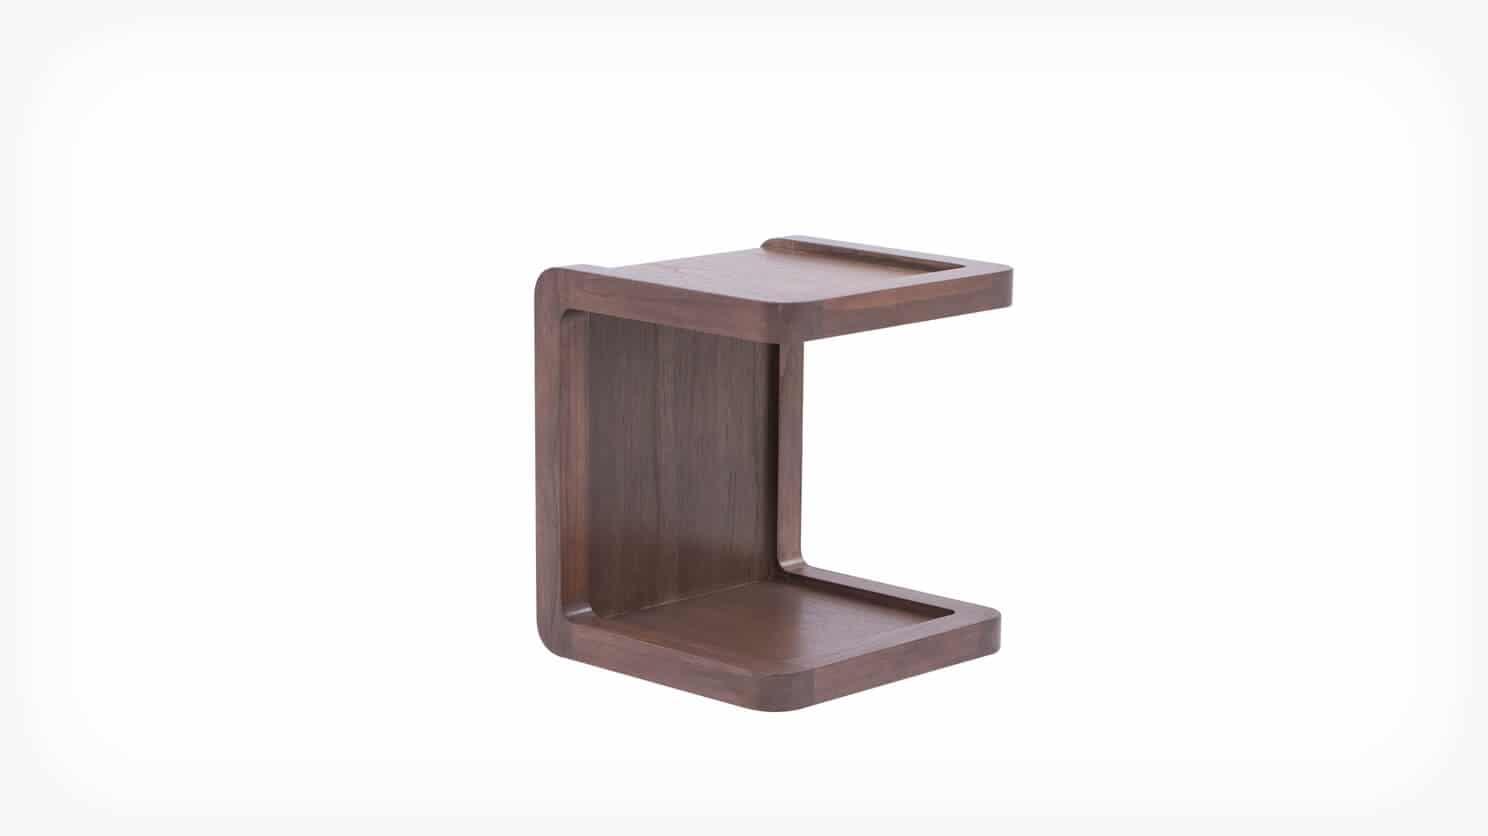 5080 432 14 par 1 nightstands burrows c nightstand java corner